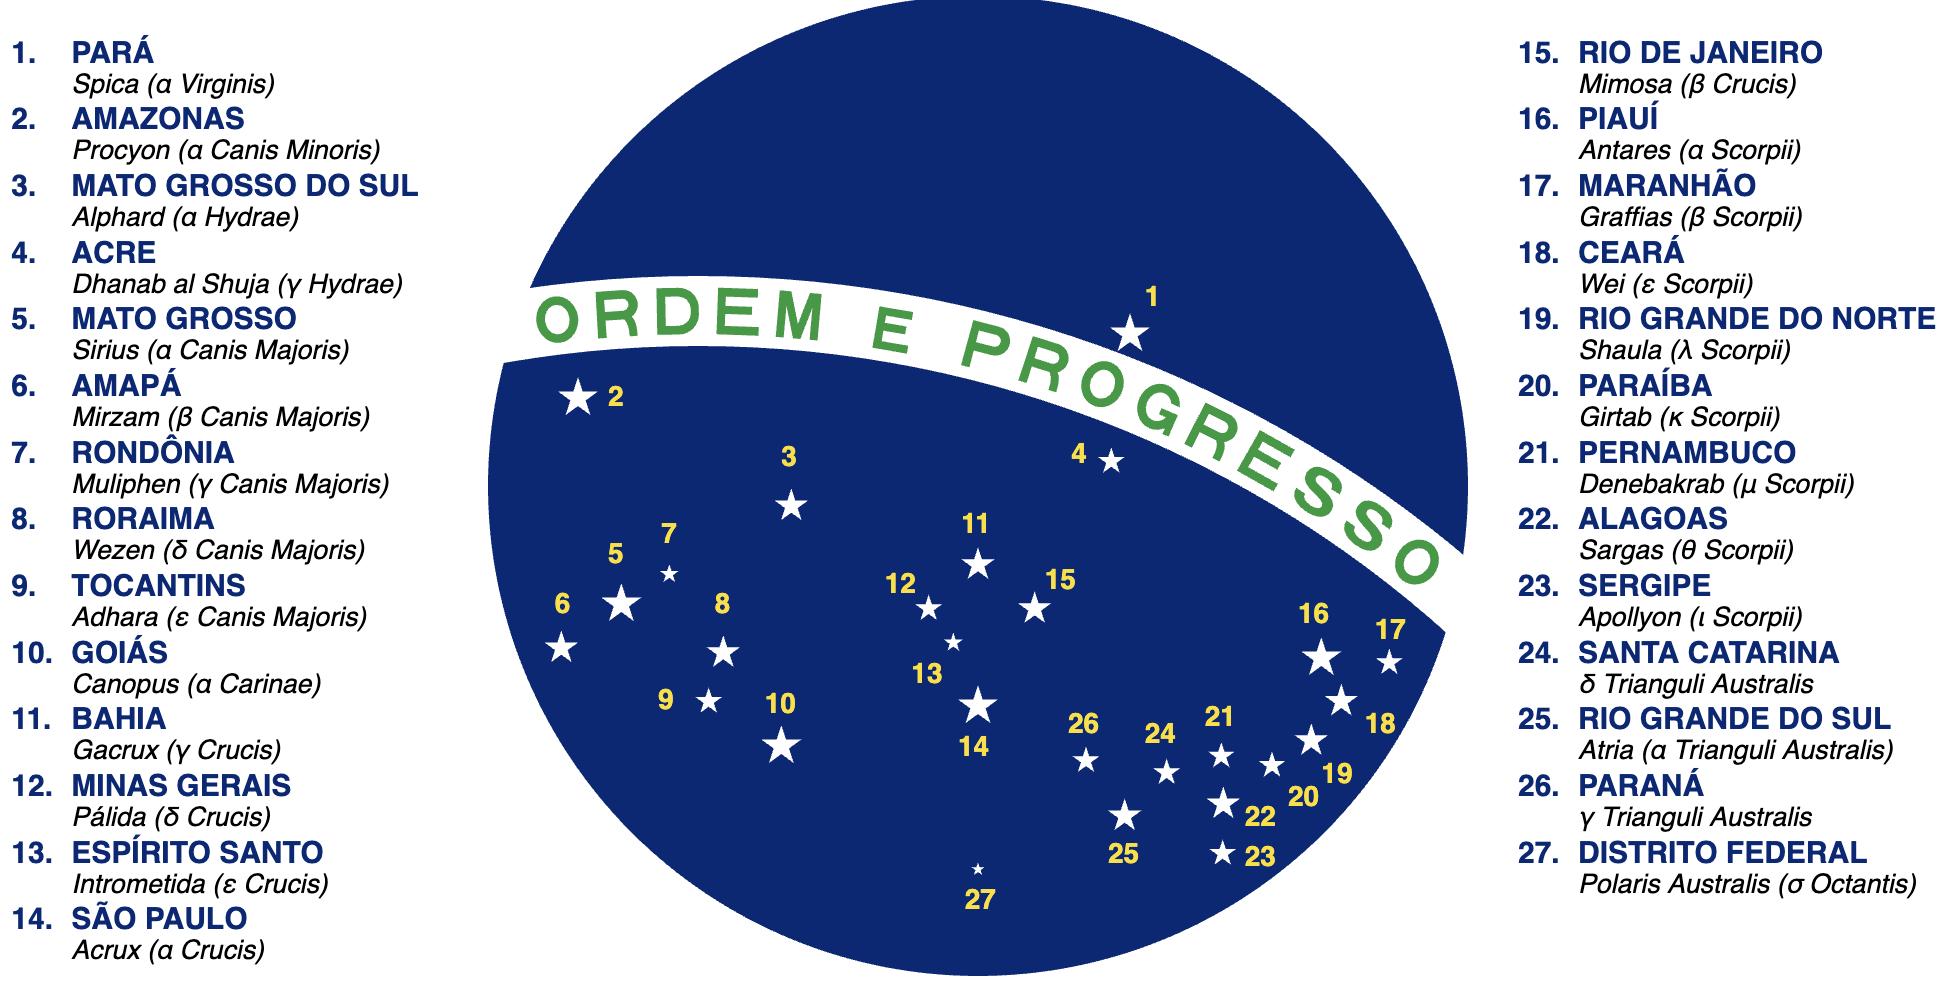 La costellazione dello Scorpione sulla bandiera del Brasile (dal n. 16, Antares, al n. 23): ogni stella è associata a uno stato della repubblica federale sudamericana Credit: Tonyjeff https://commons.wikimedia.org/wiki/File:Flag_of_Brazil_(sphere).svg